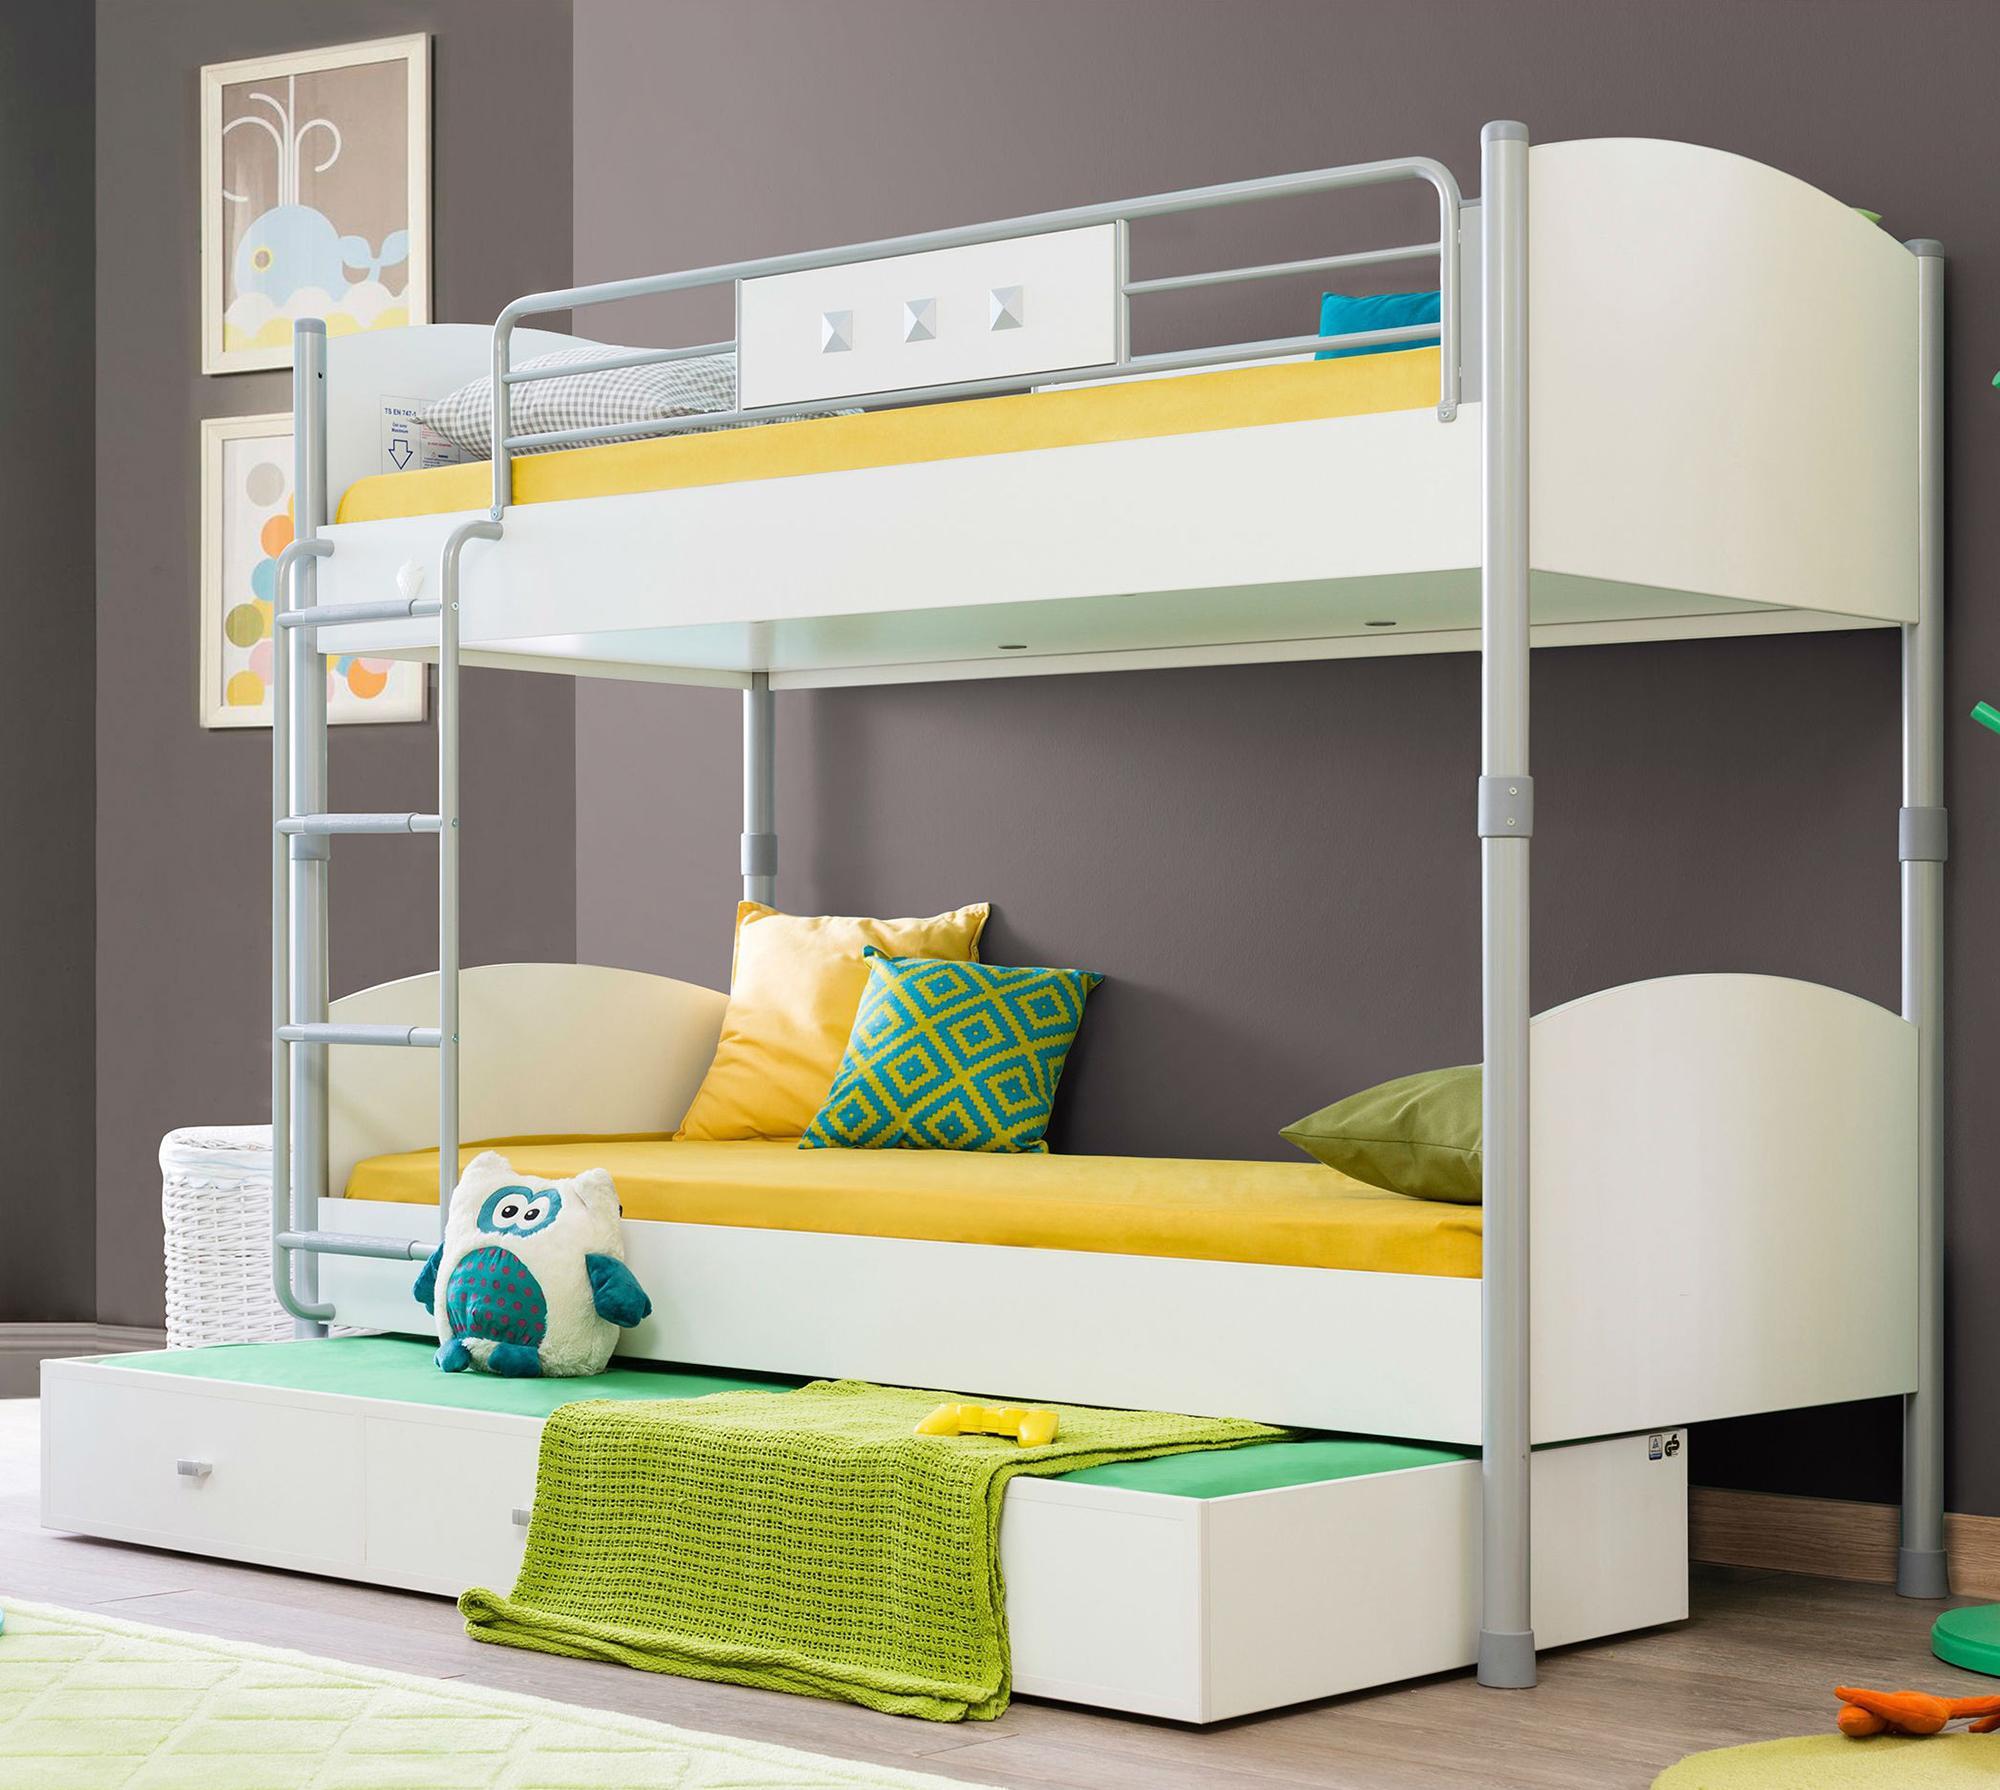 Стильная белая двухъярусная кровать в детскую